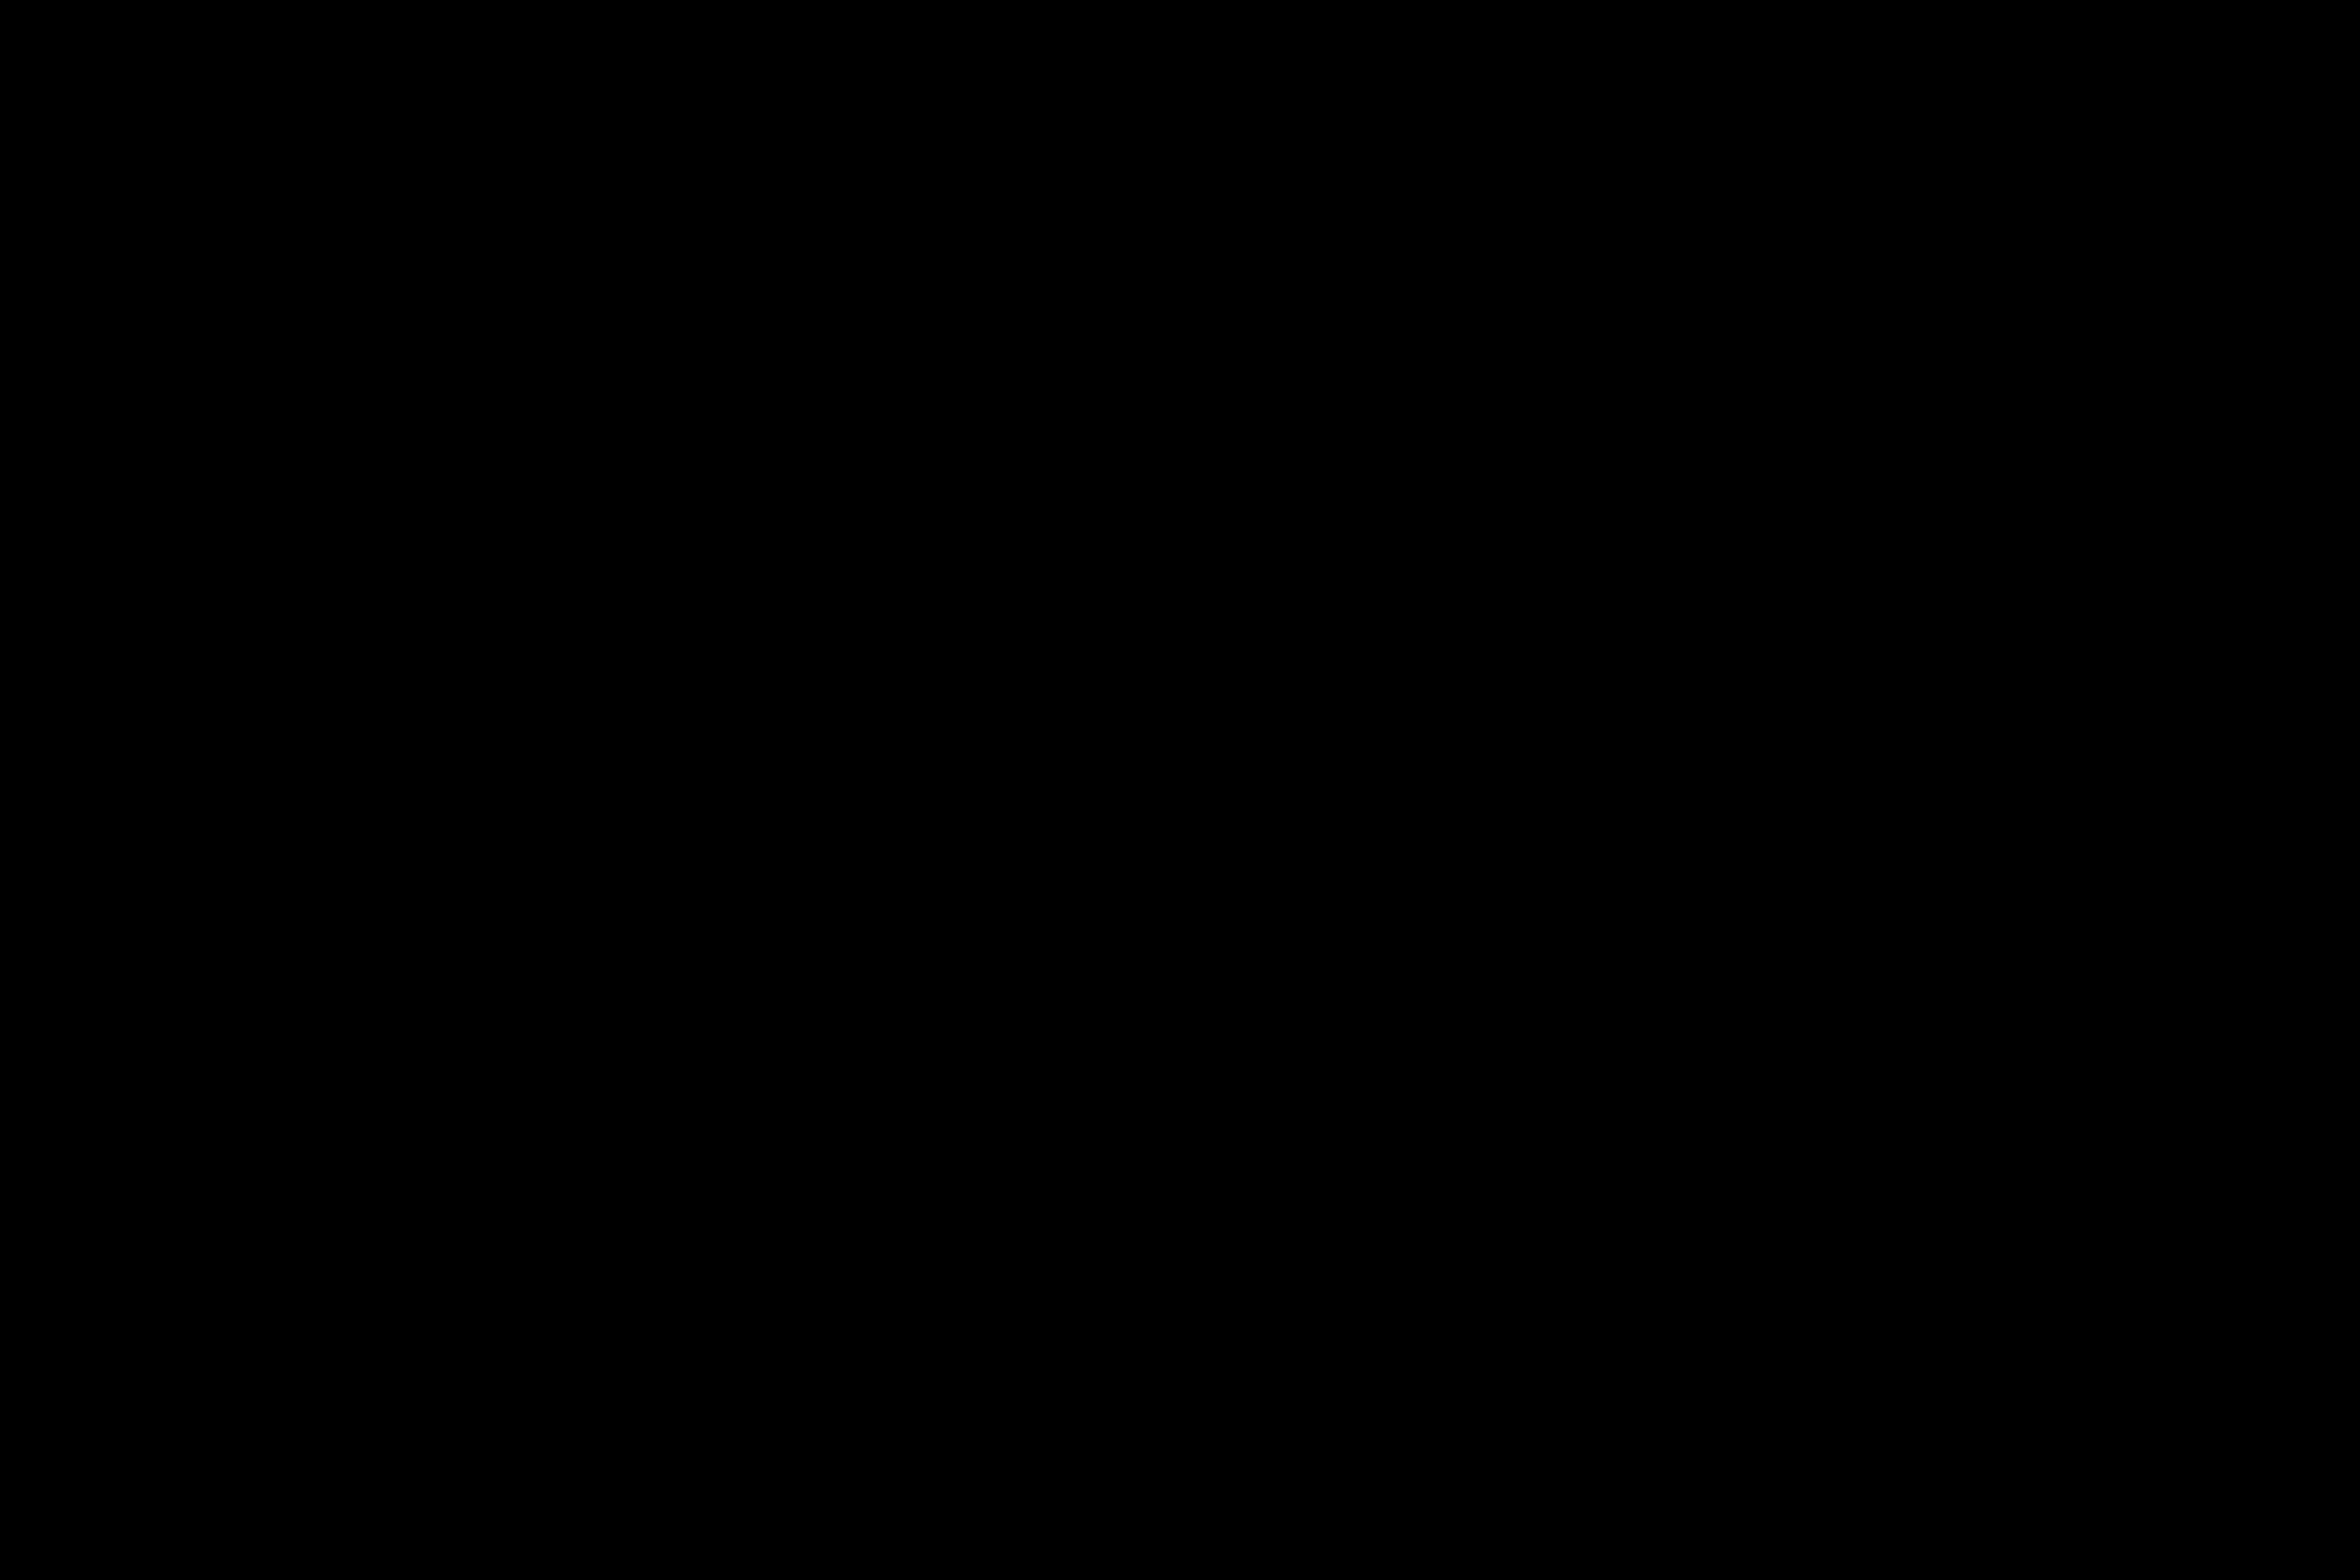 Sprint Course